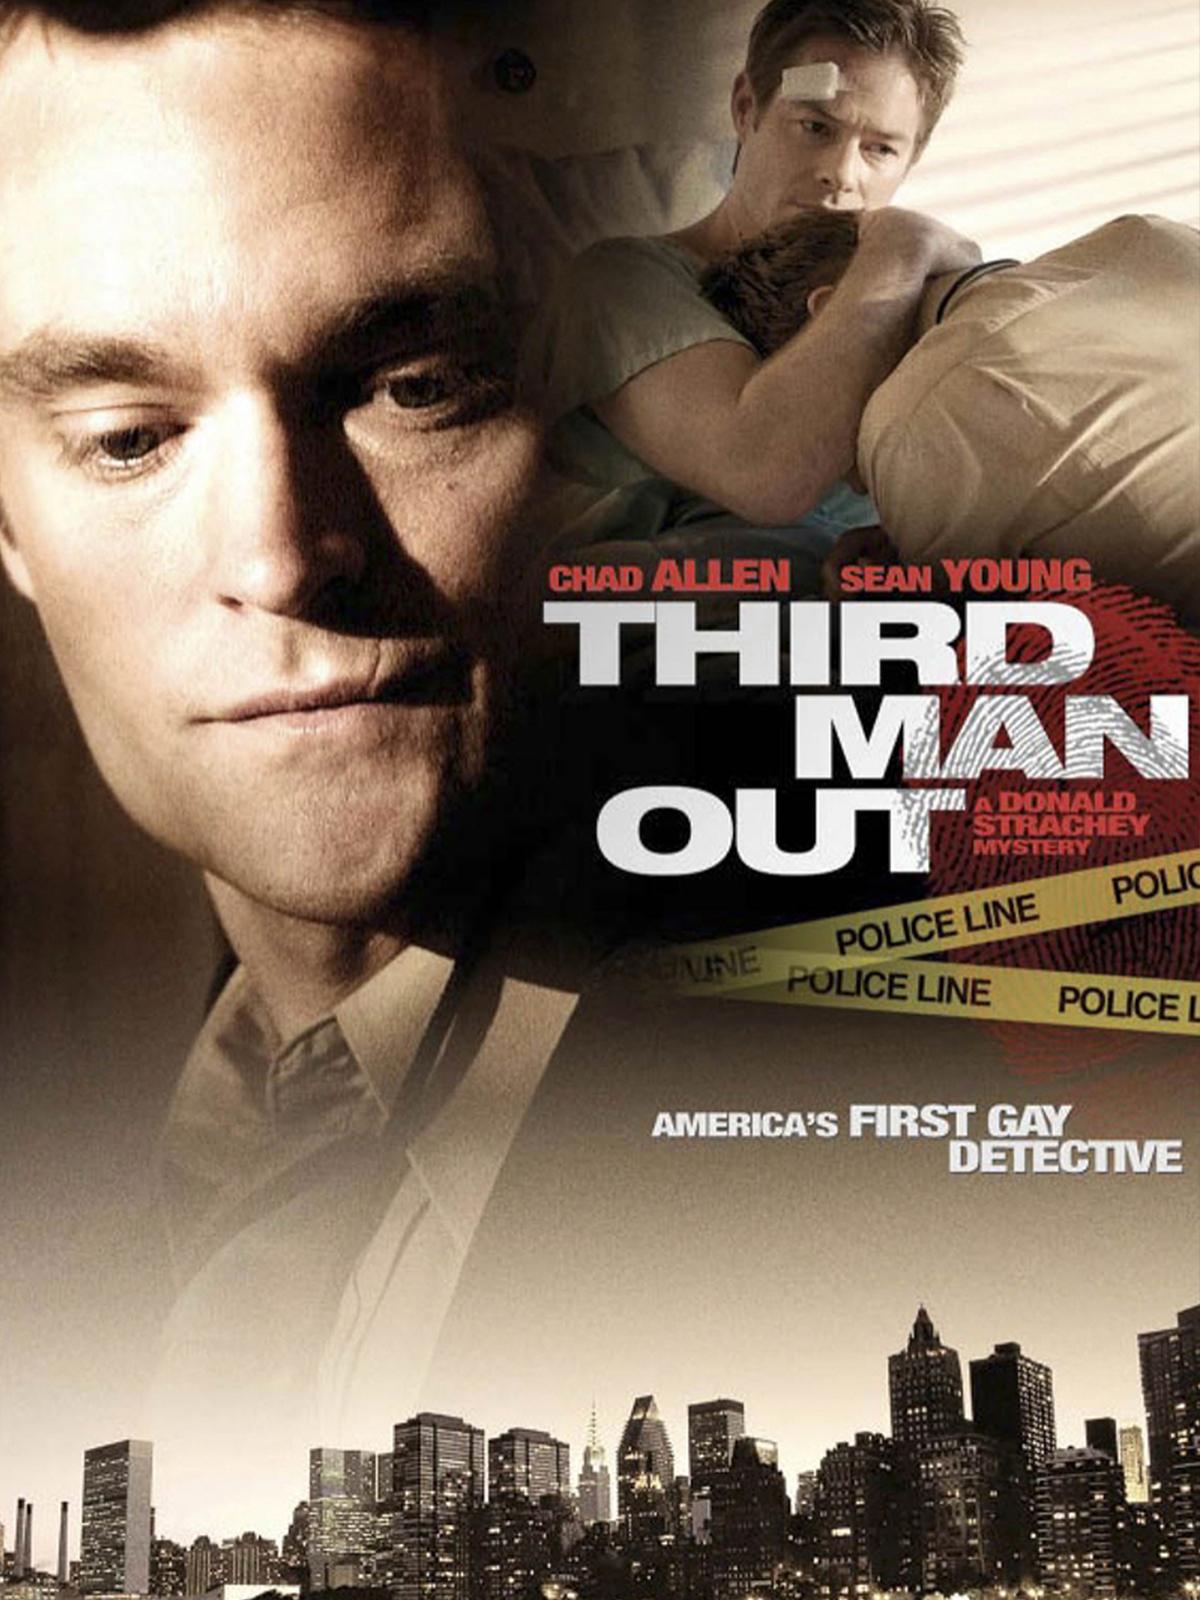 Here-ThirdManOut-Full-Image-en-US.jpg